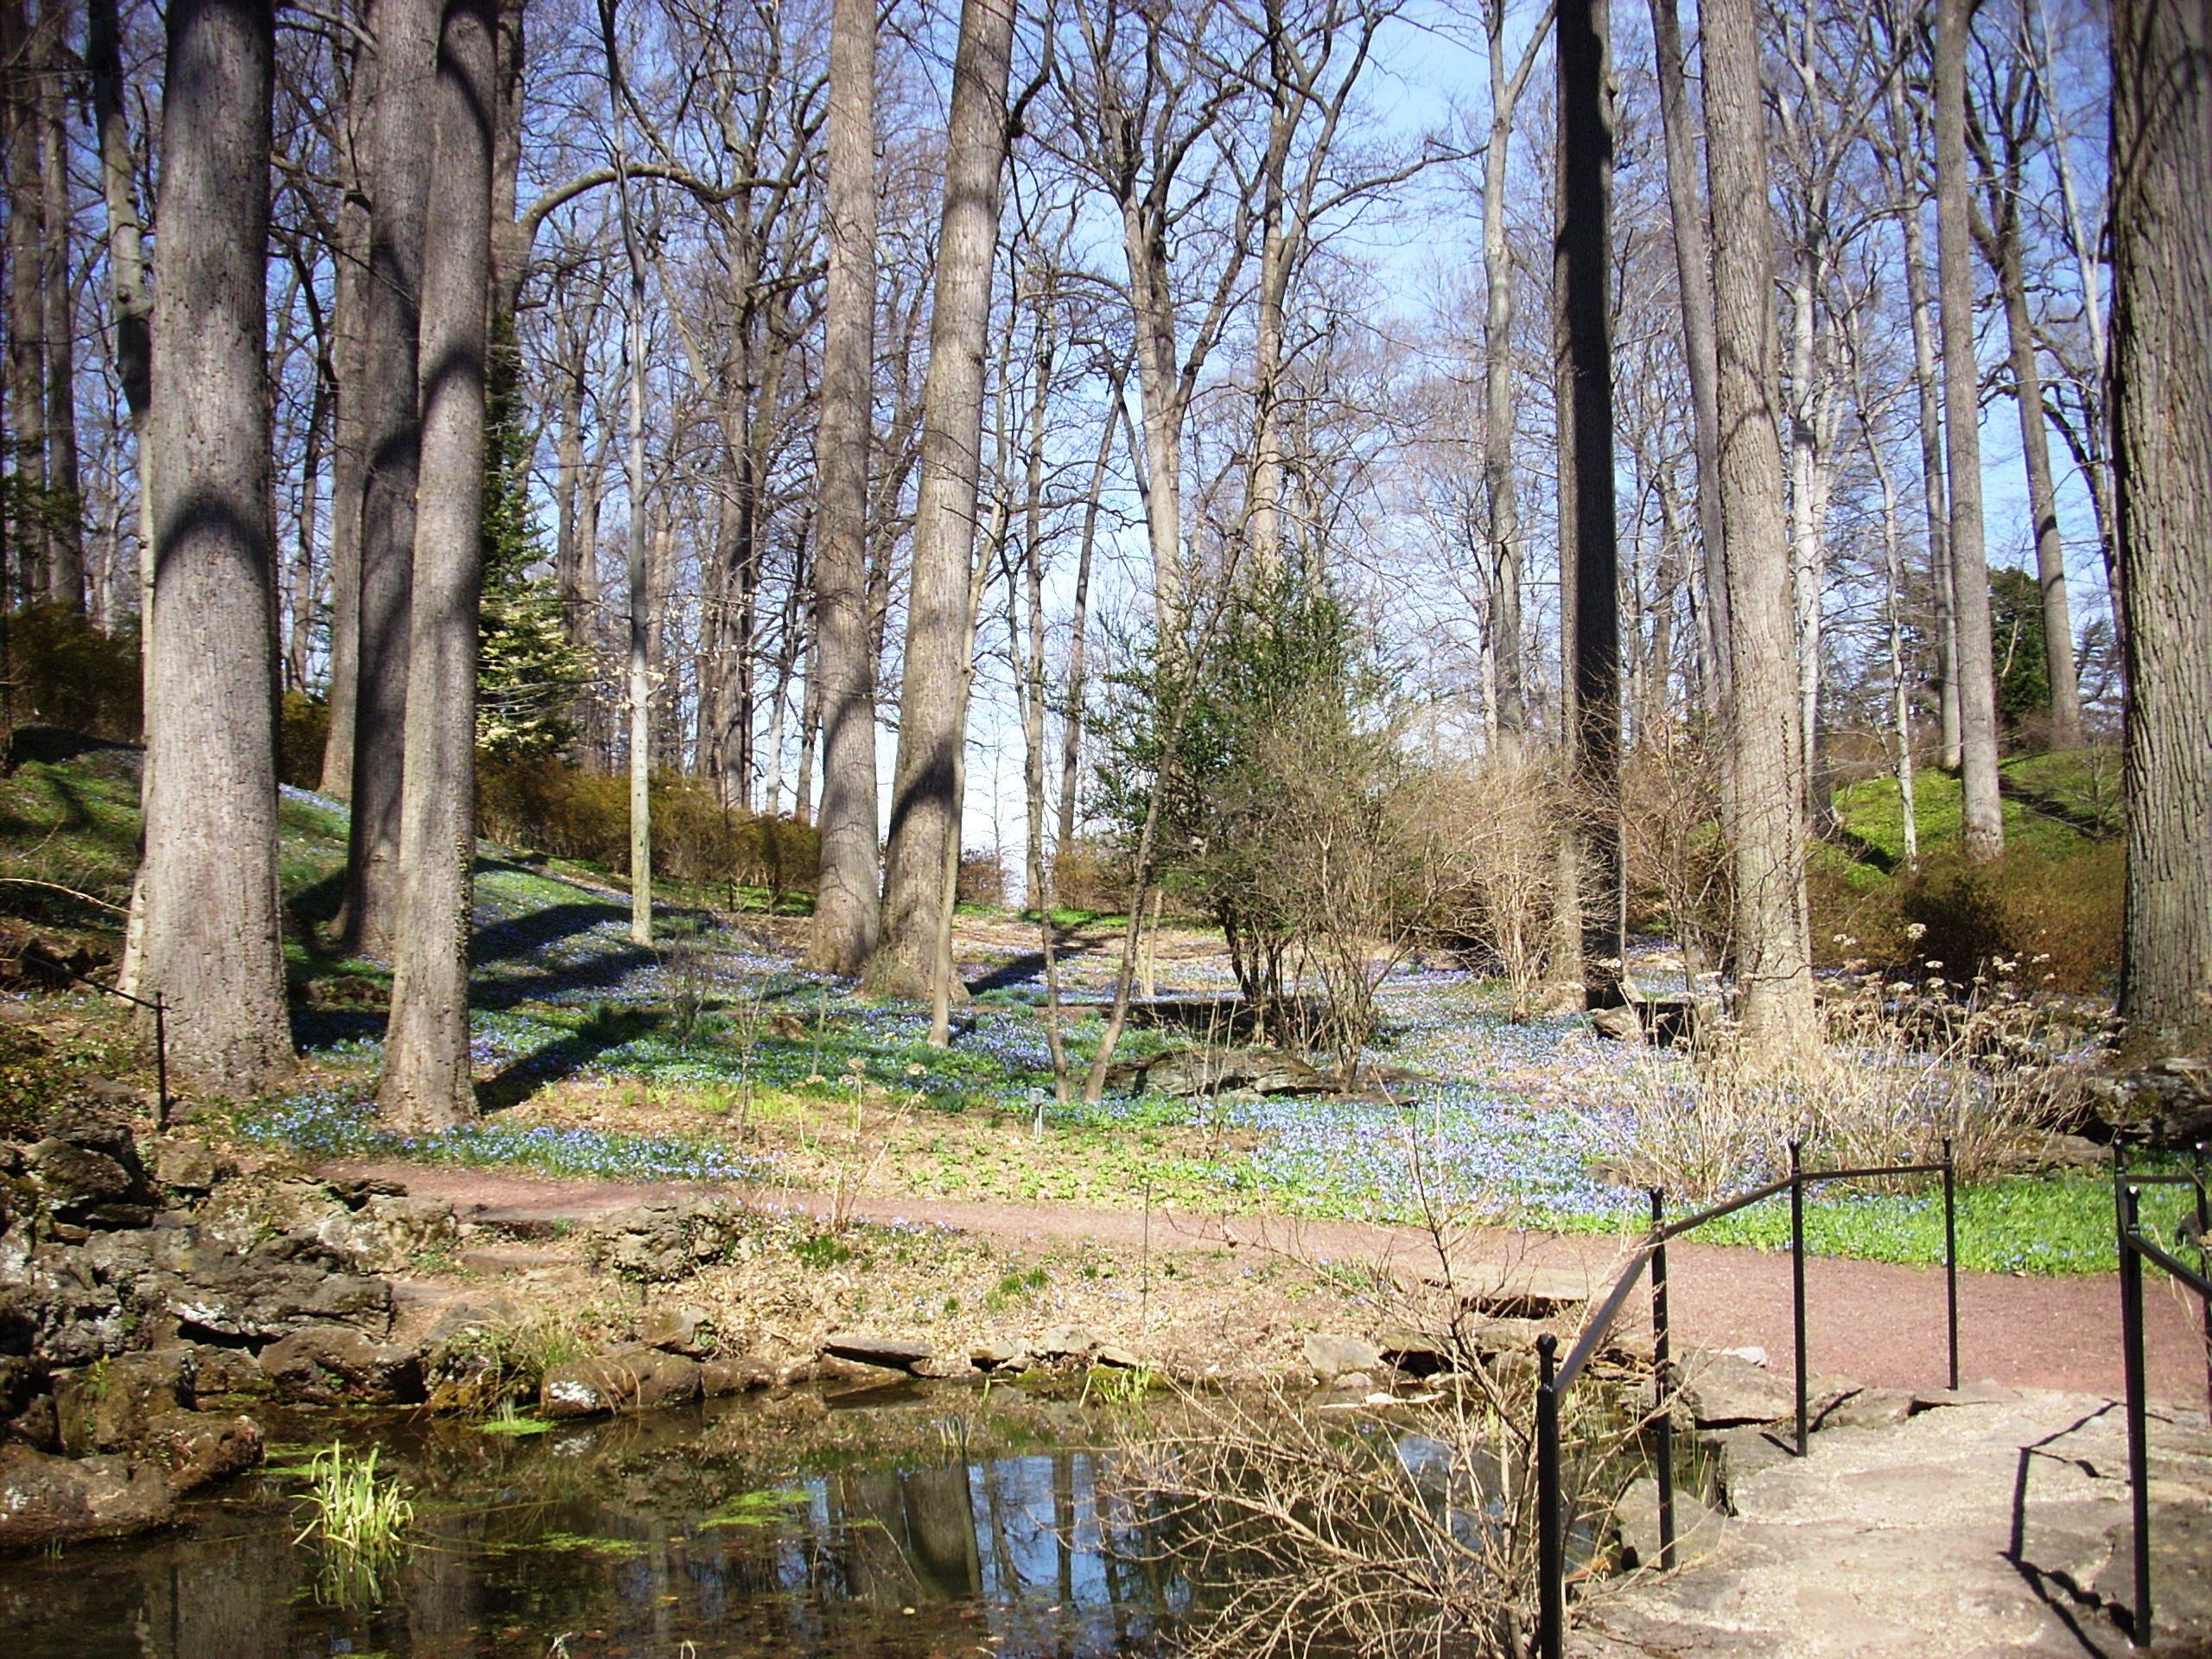 glade-garden-blue-3252009-kls